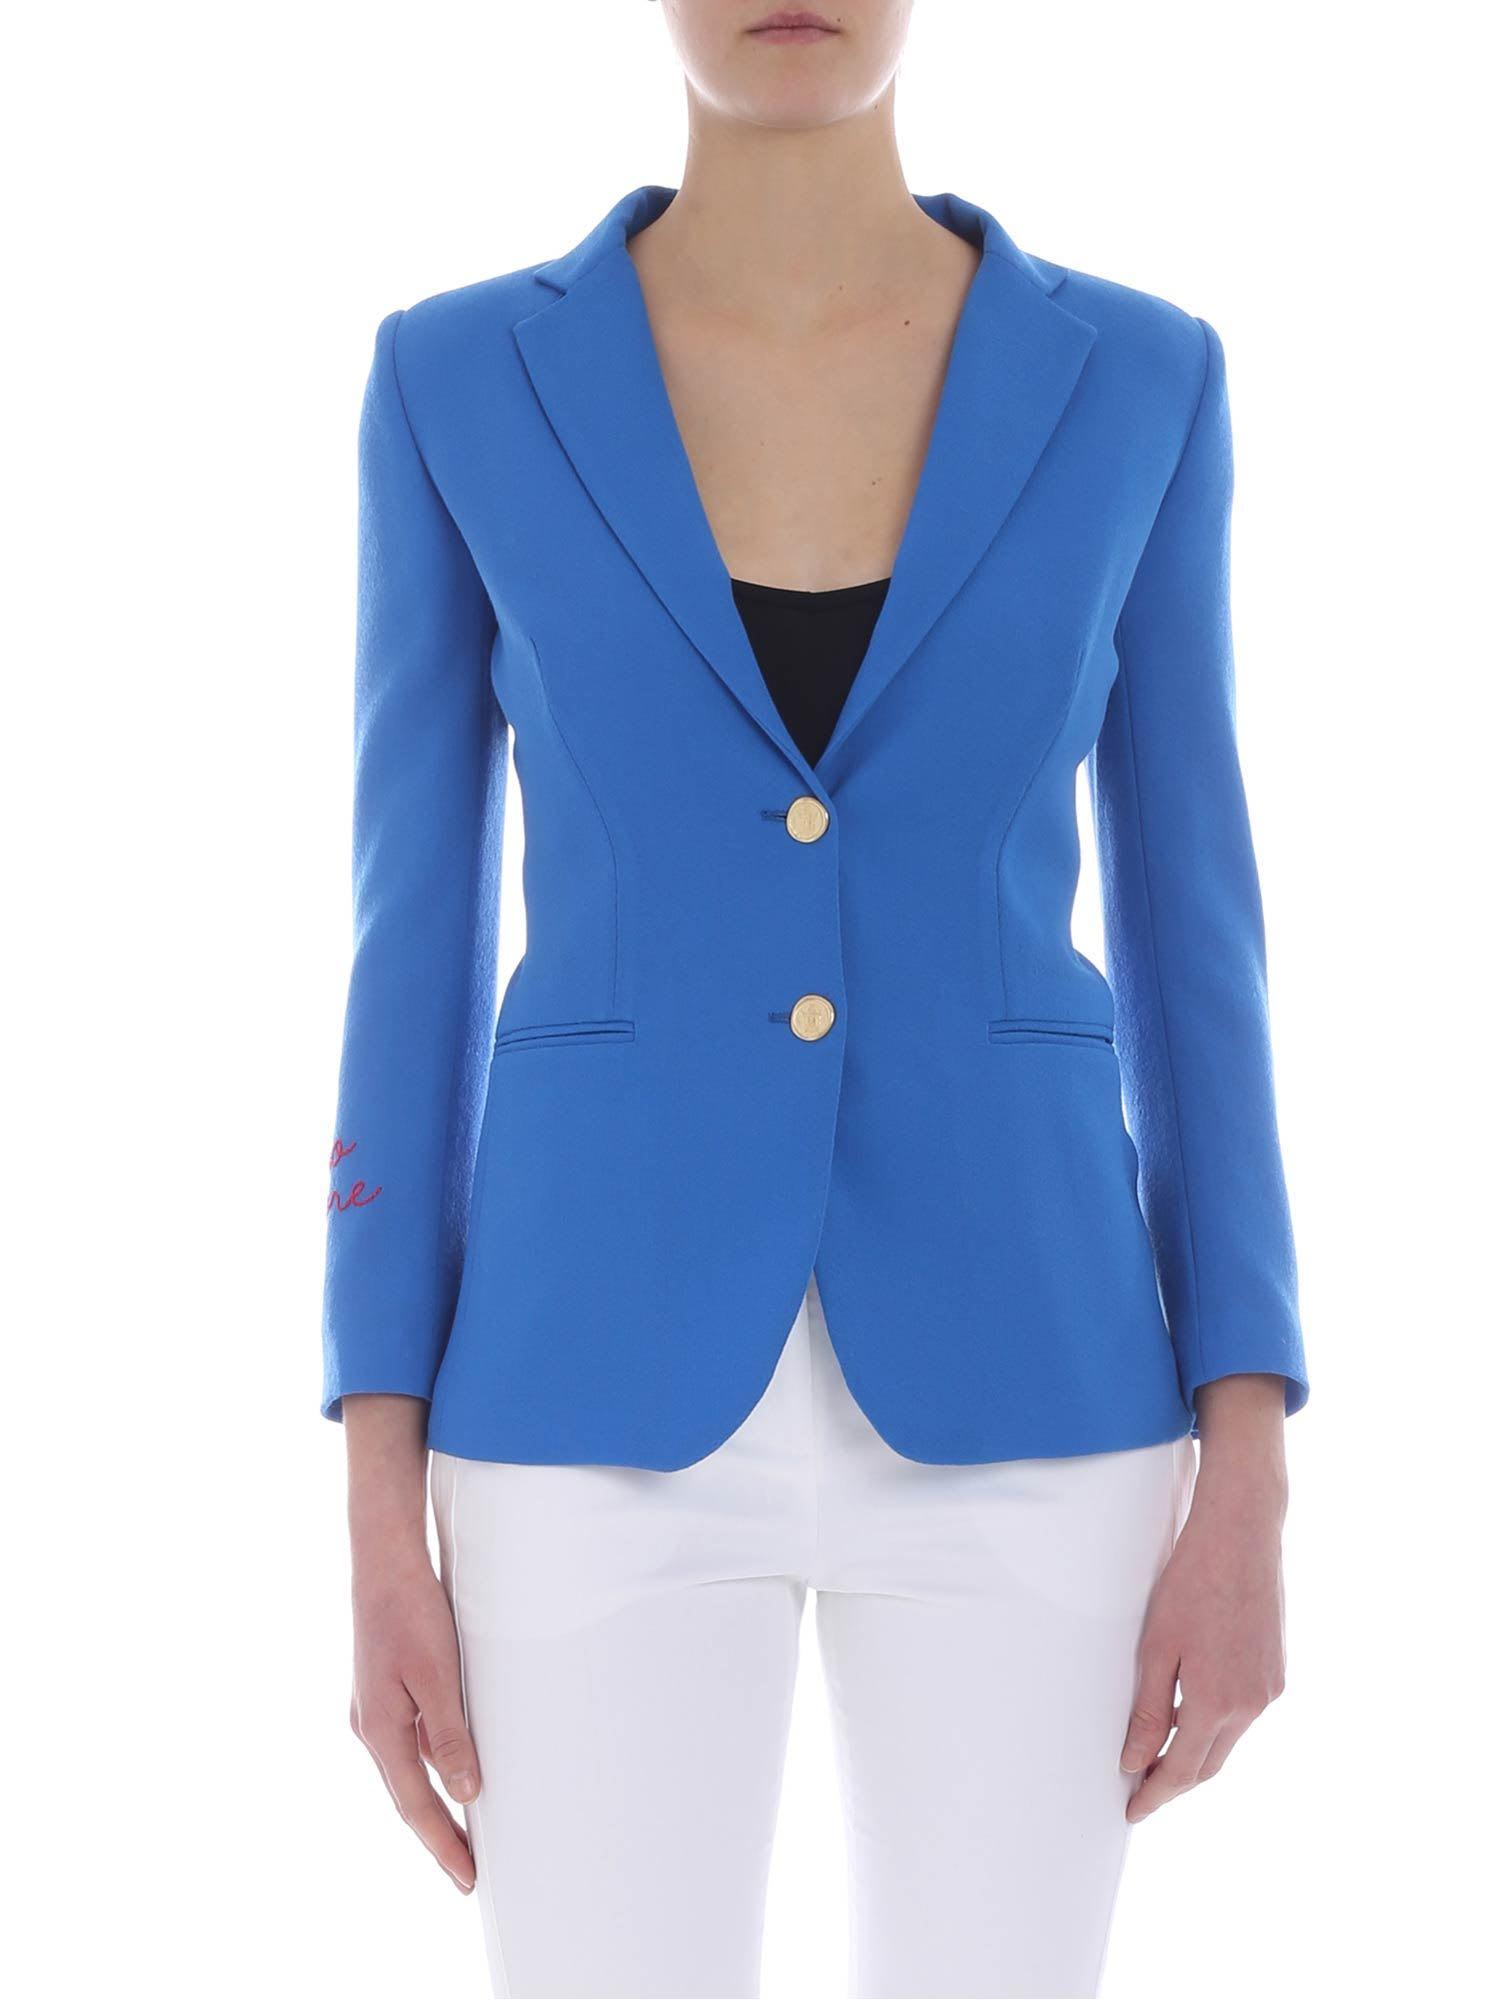 Giada Benincasa – Jacket